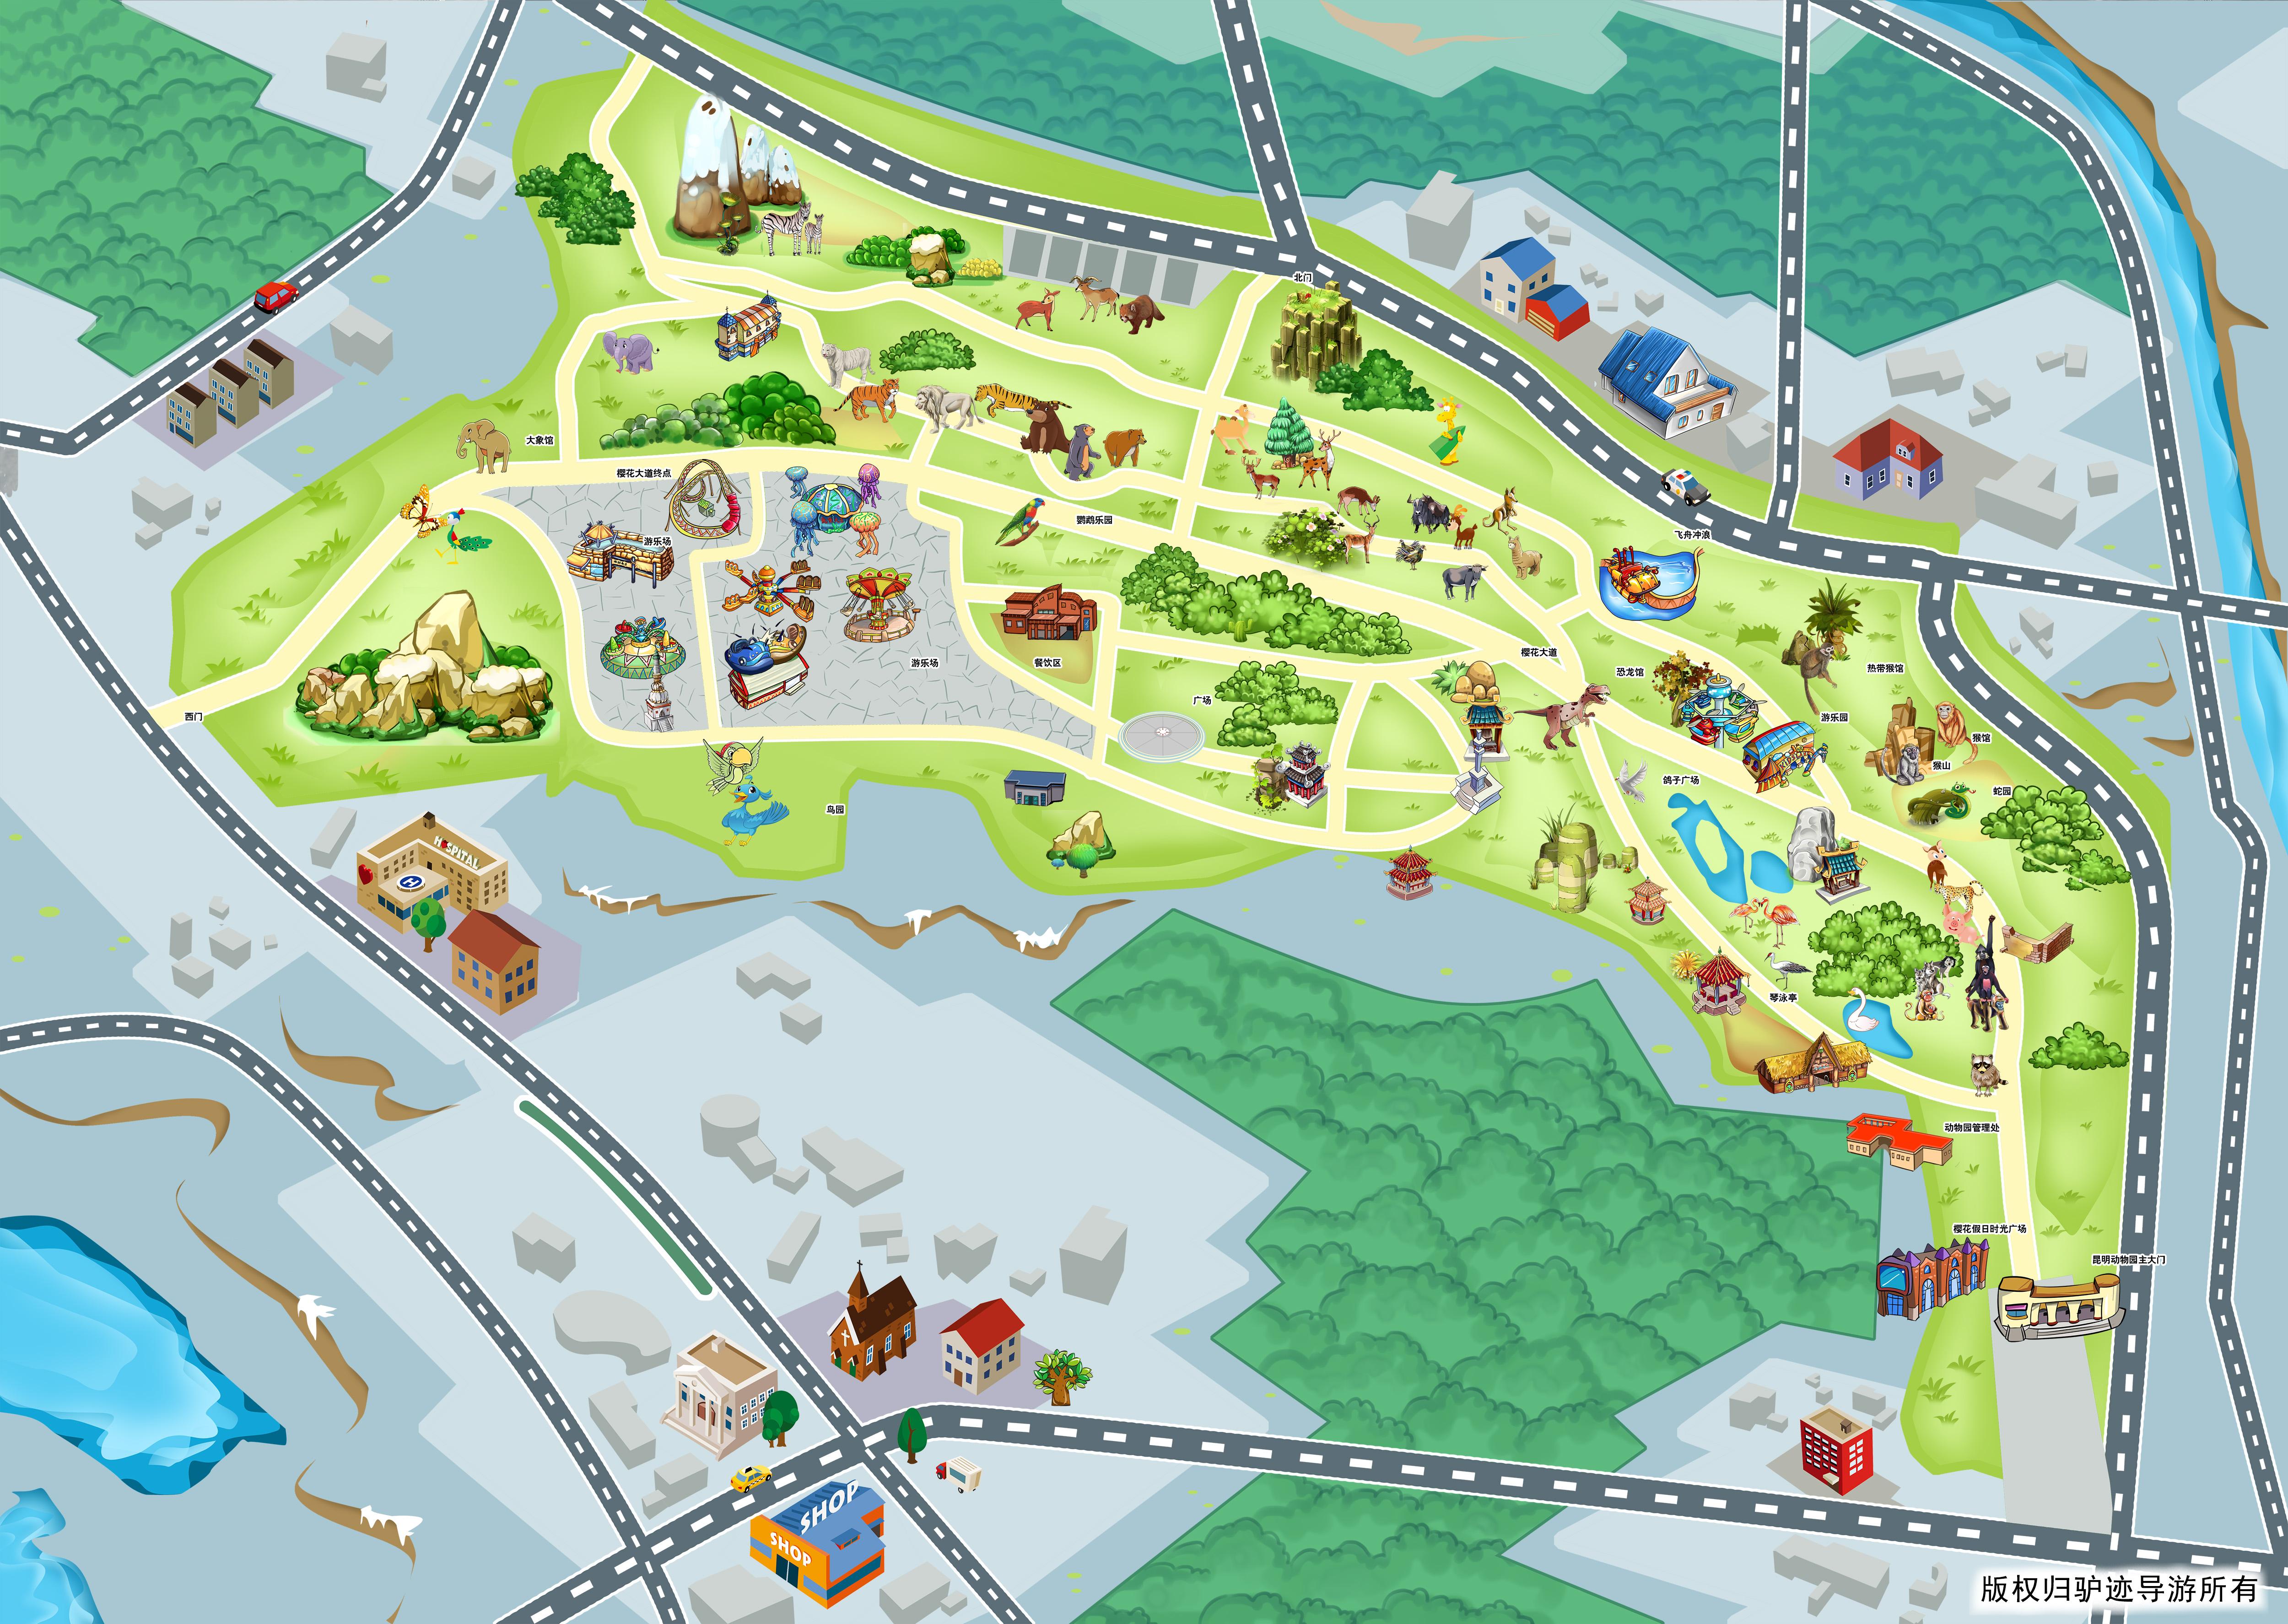 昆明动物园手机导游【全景地图,园内导航,线路推荐,自动讲解】